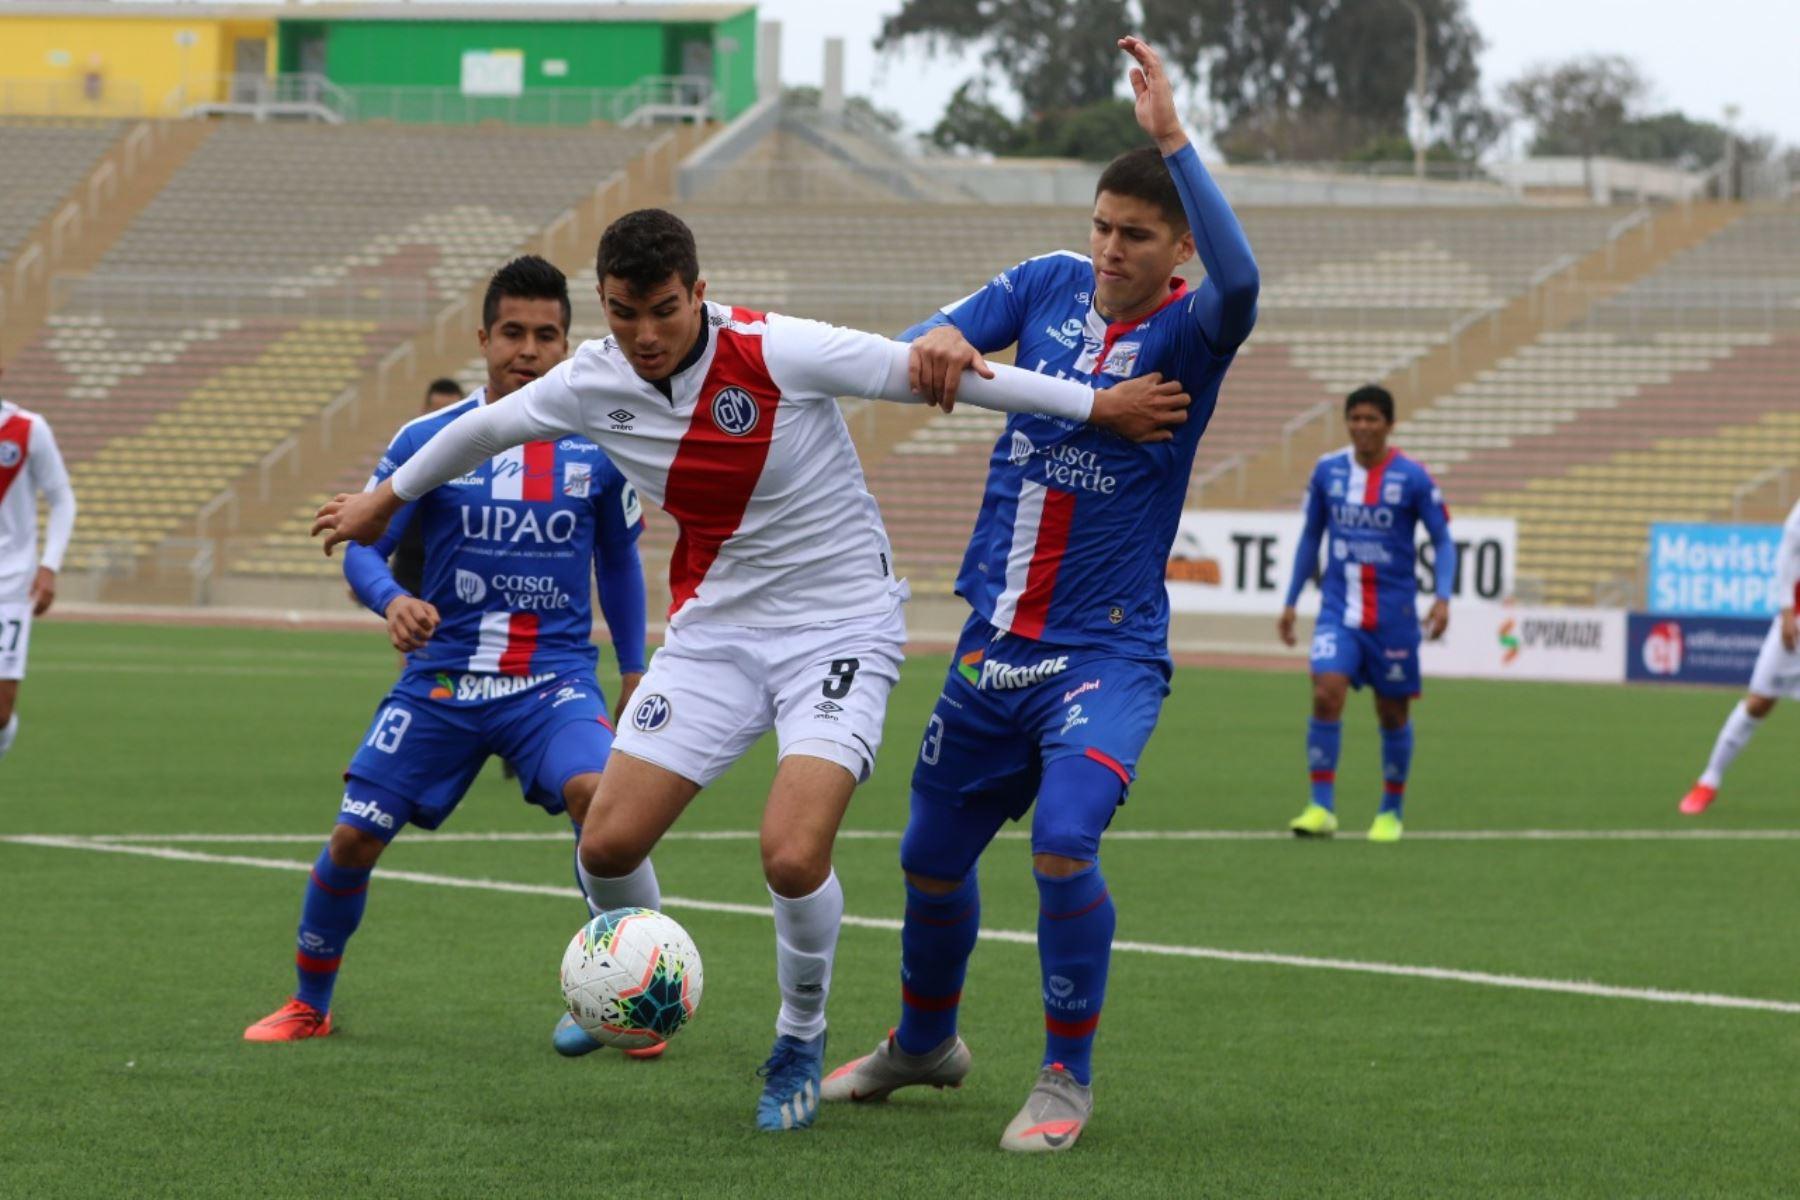 El futbolista M. Succar del Deportivo Municipal se enfrenta a H. Benincasa se enfrentan por el balón durante jornada 12 de la Liga 1, en el estadio de San Marcos. Foto: @LigaFutProf